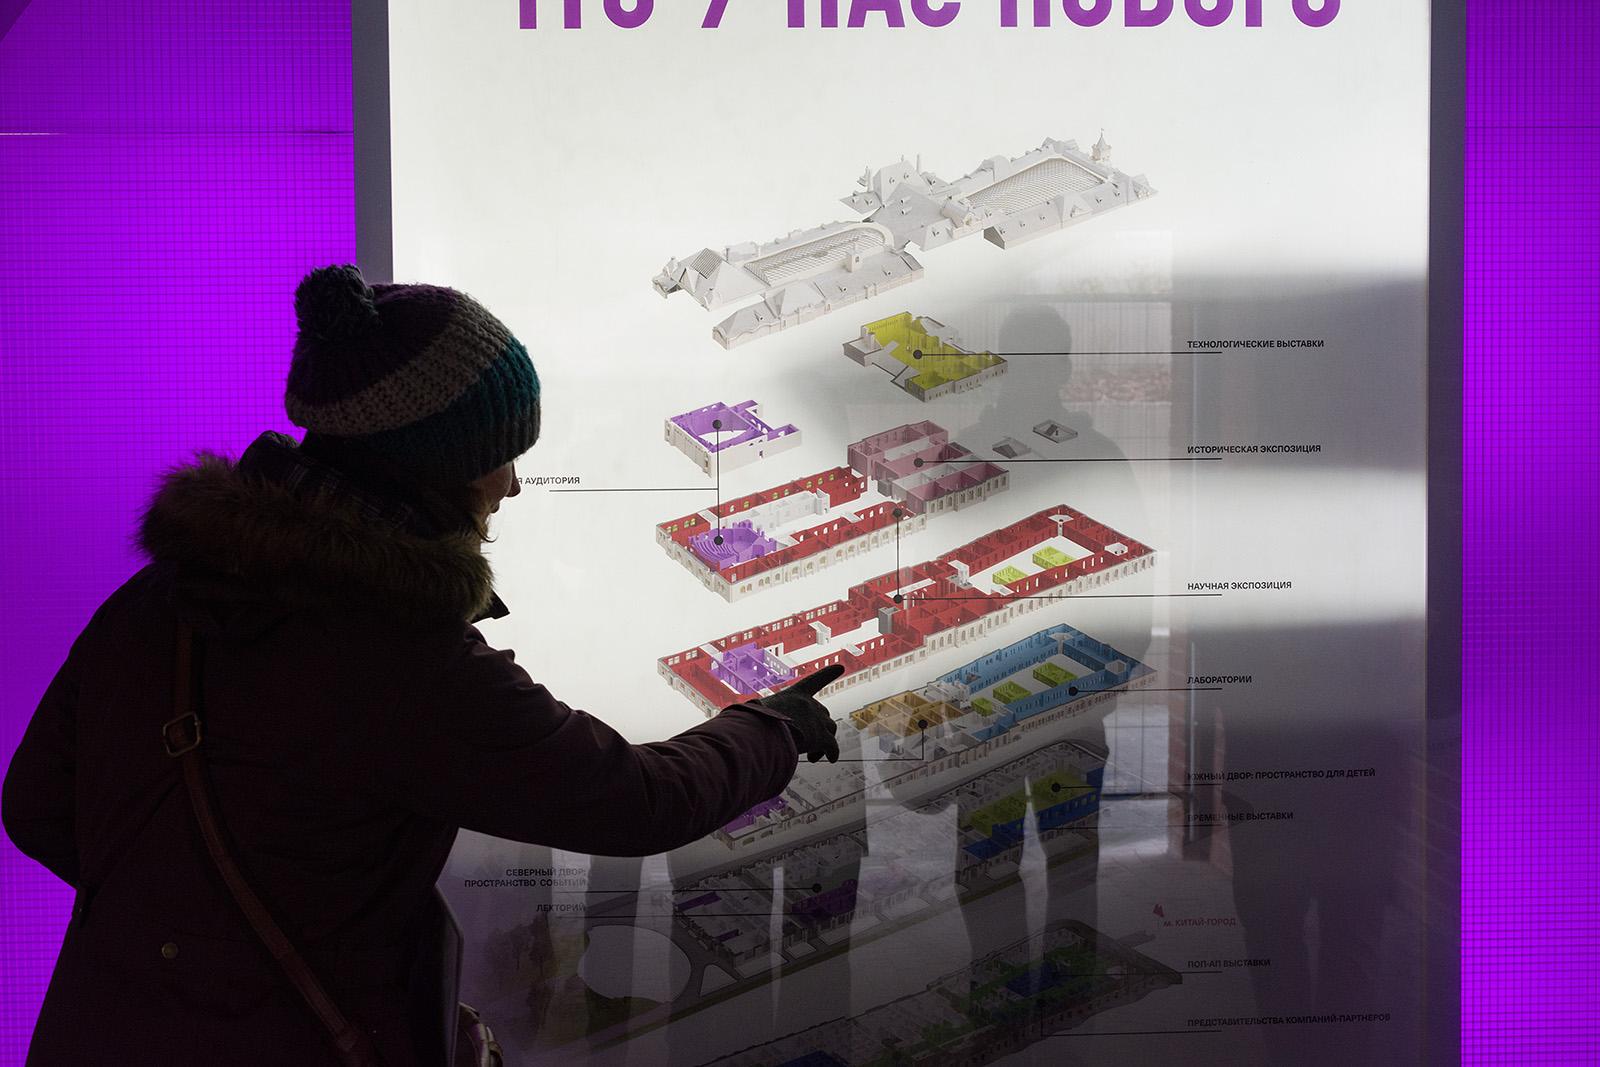 Как идёт реконструкция Политехнического музея? Часть 1 - 13